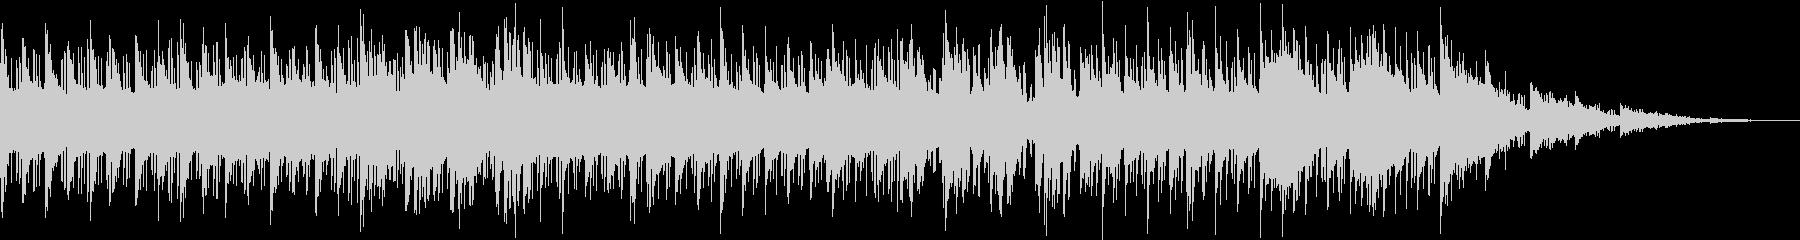 ASMR要素満載のおしゃれHIPHOPの未再生の波形